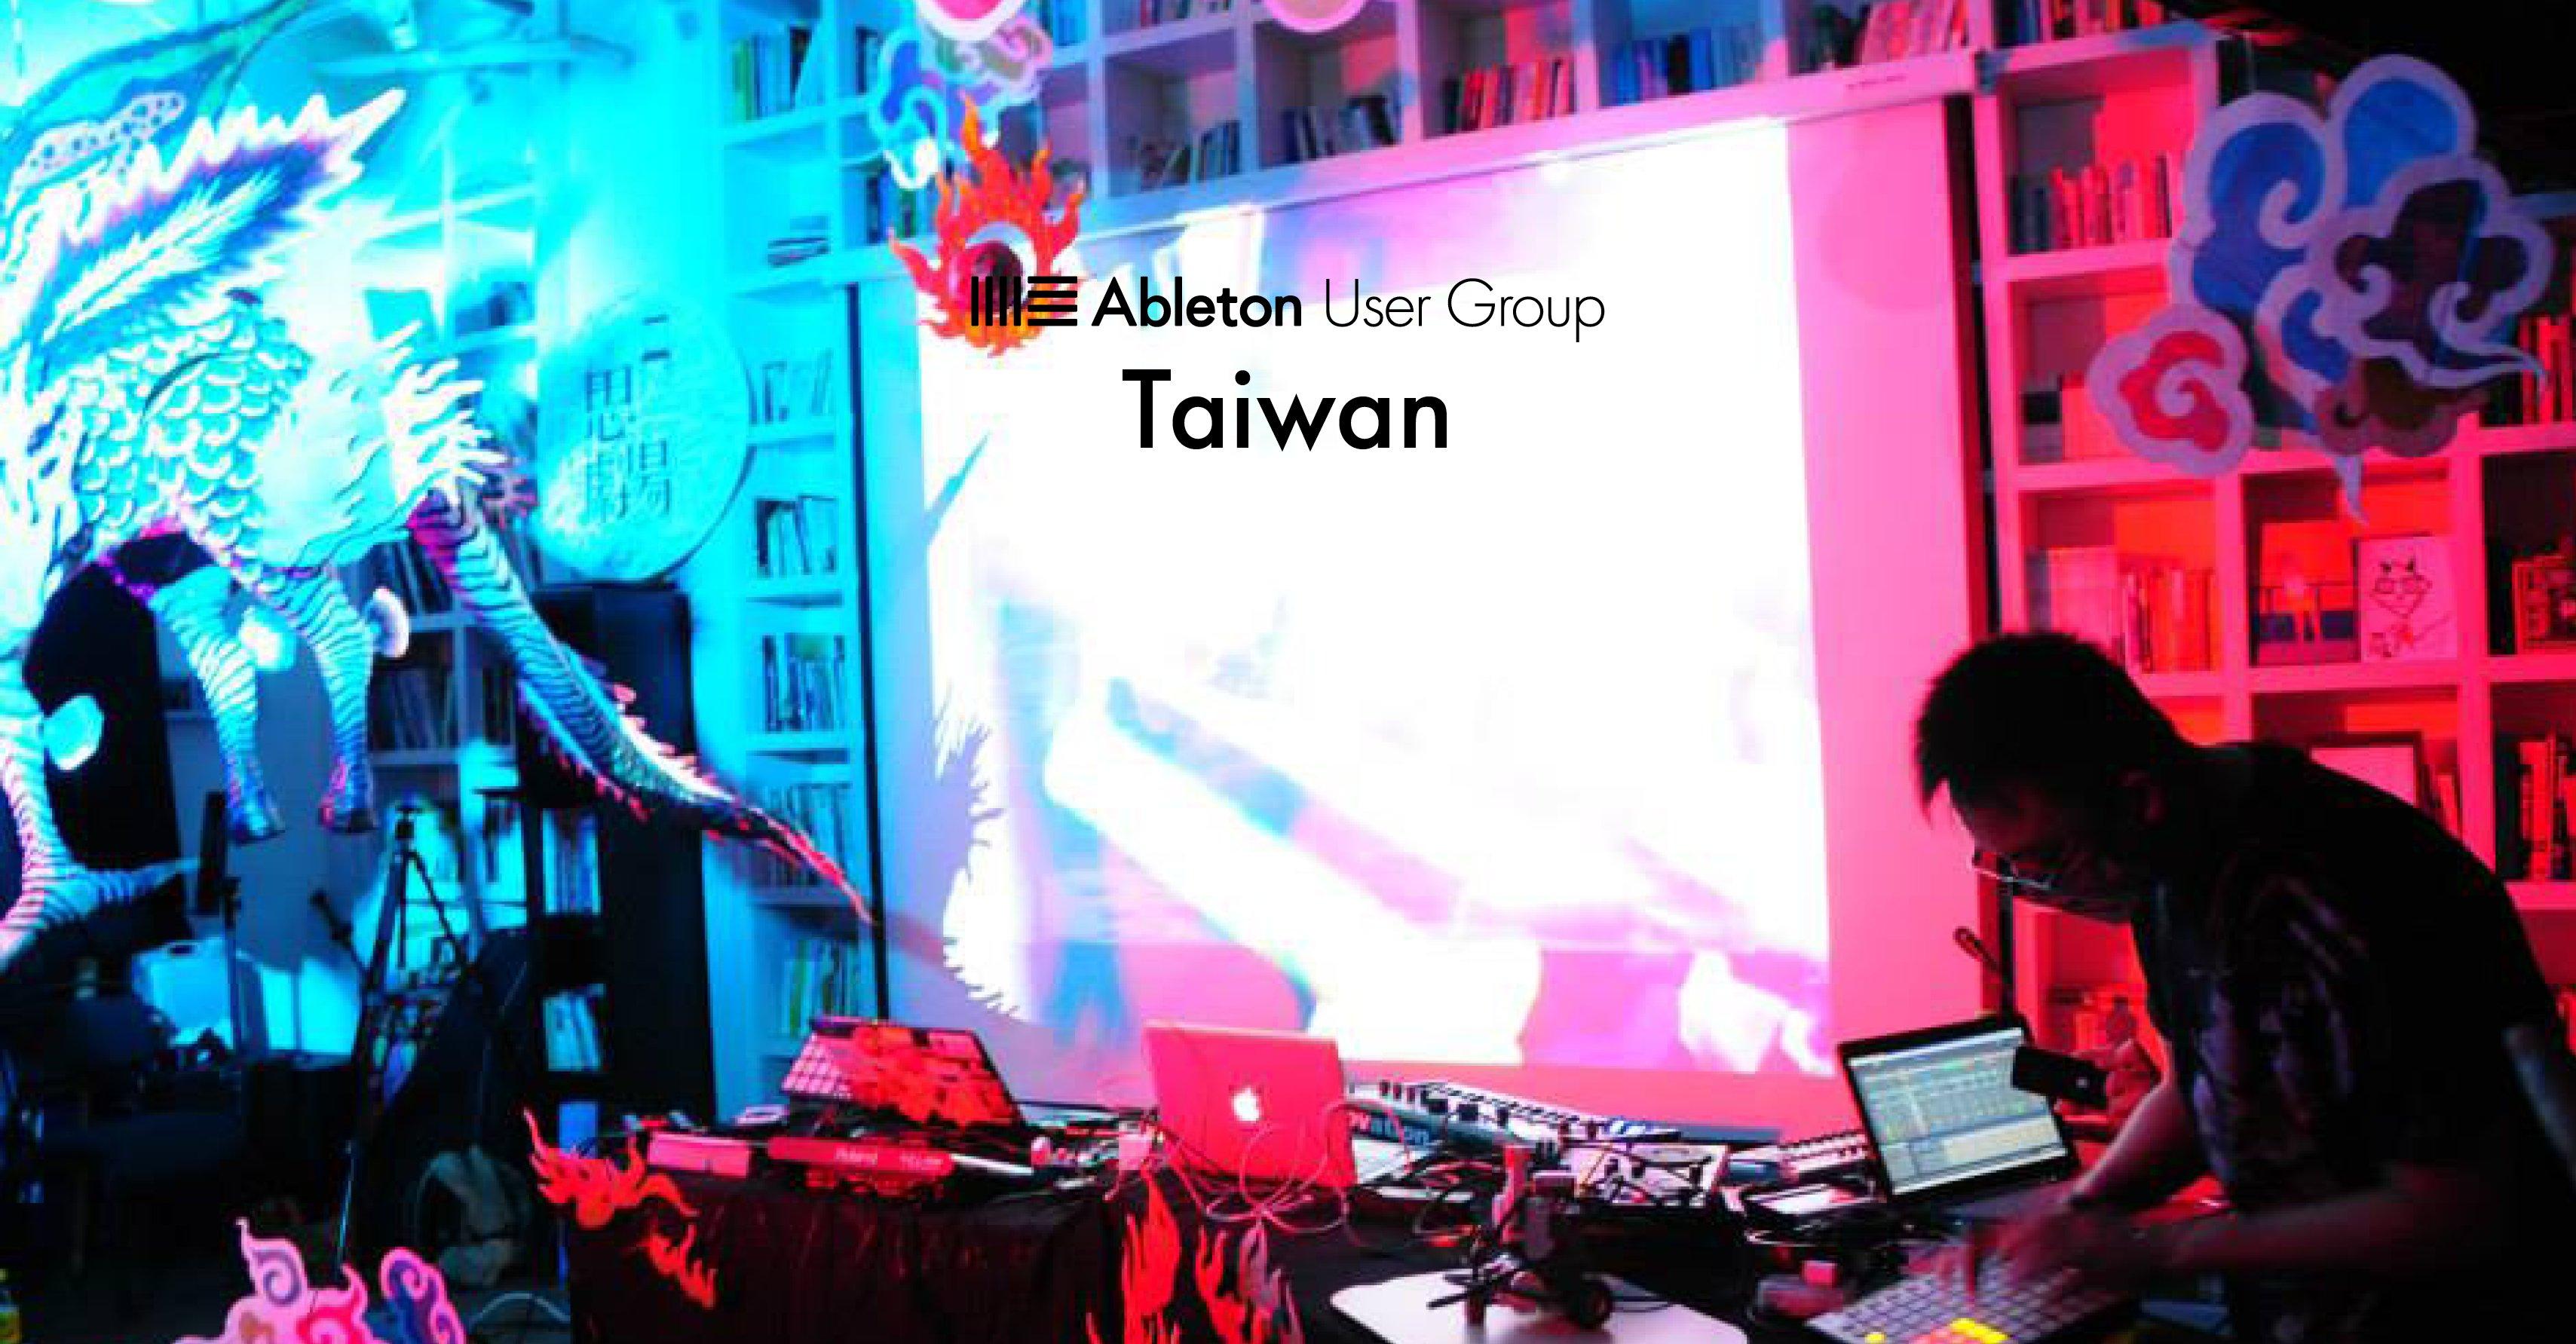 Taiwan UG FB Banner2.png